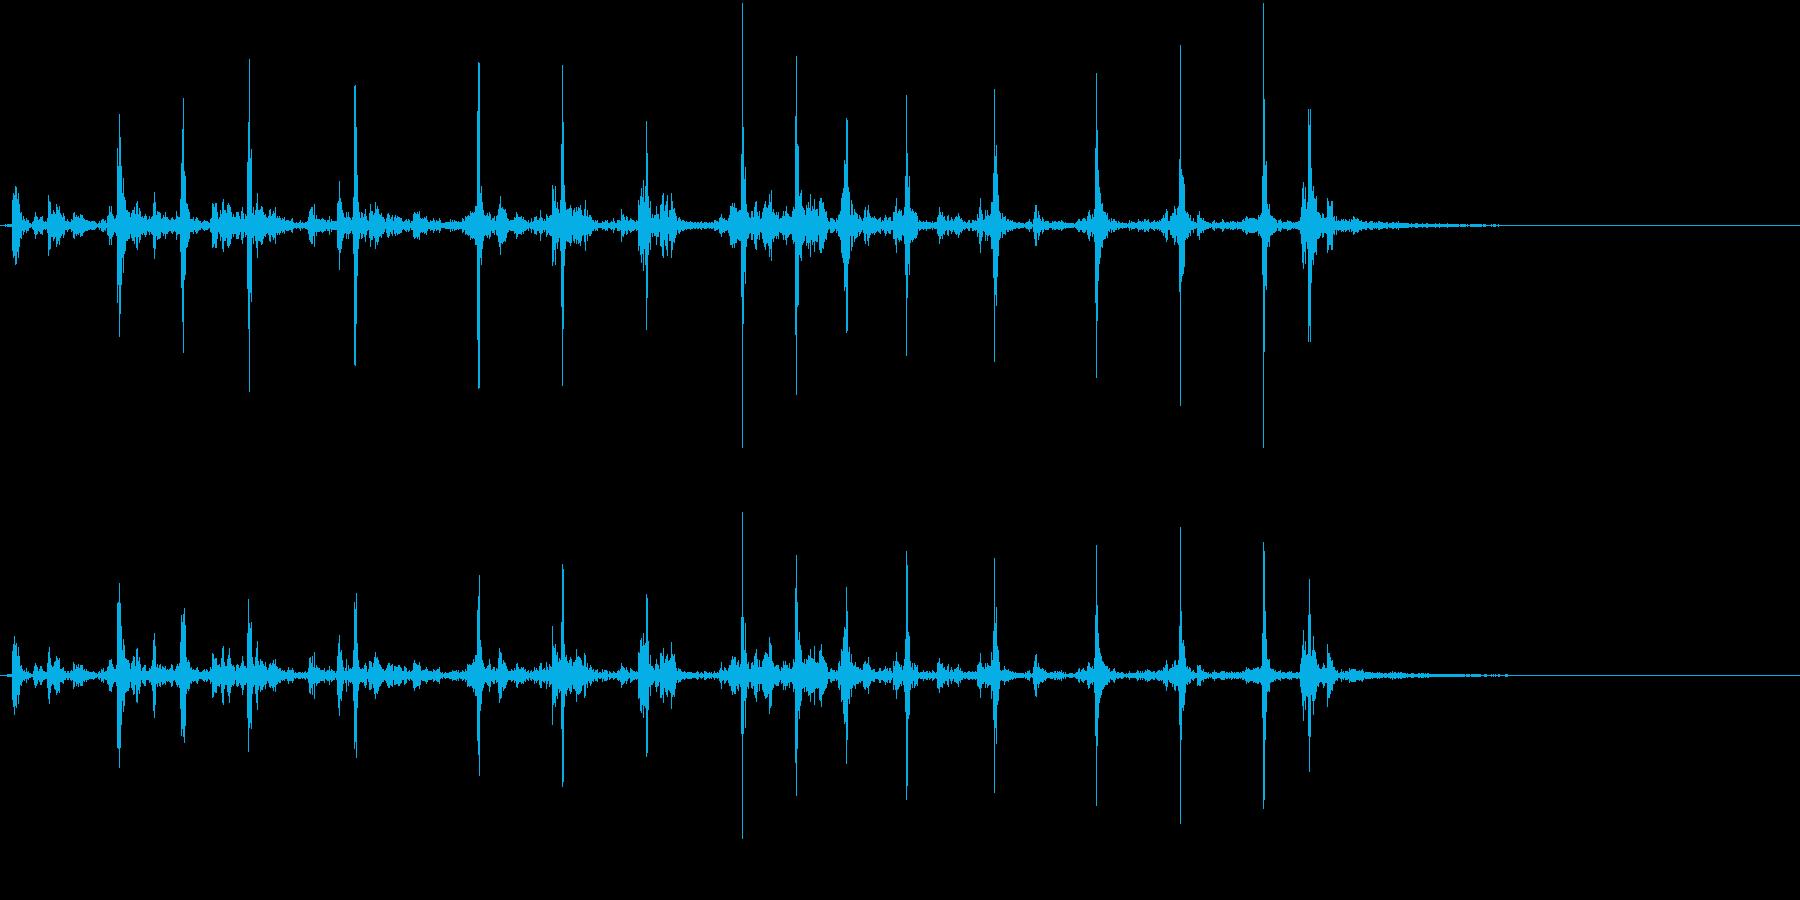 【生録音】カッターナイフの音 14の再生済みの波形